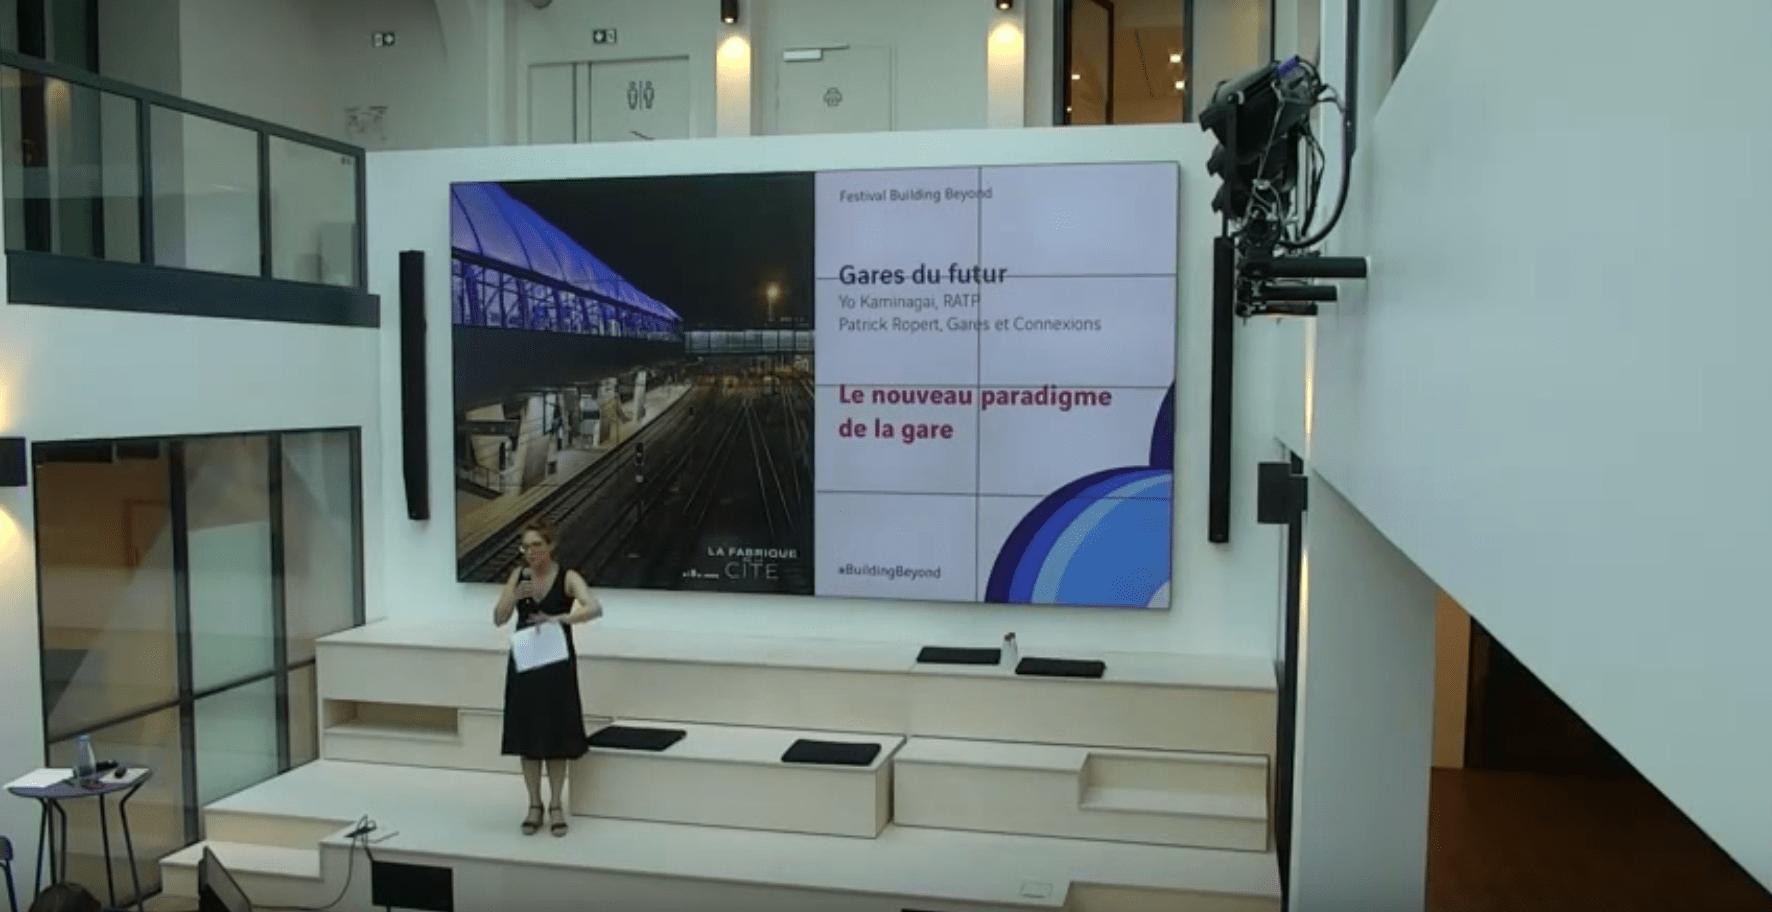 Gares du futur - festival building beyond